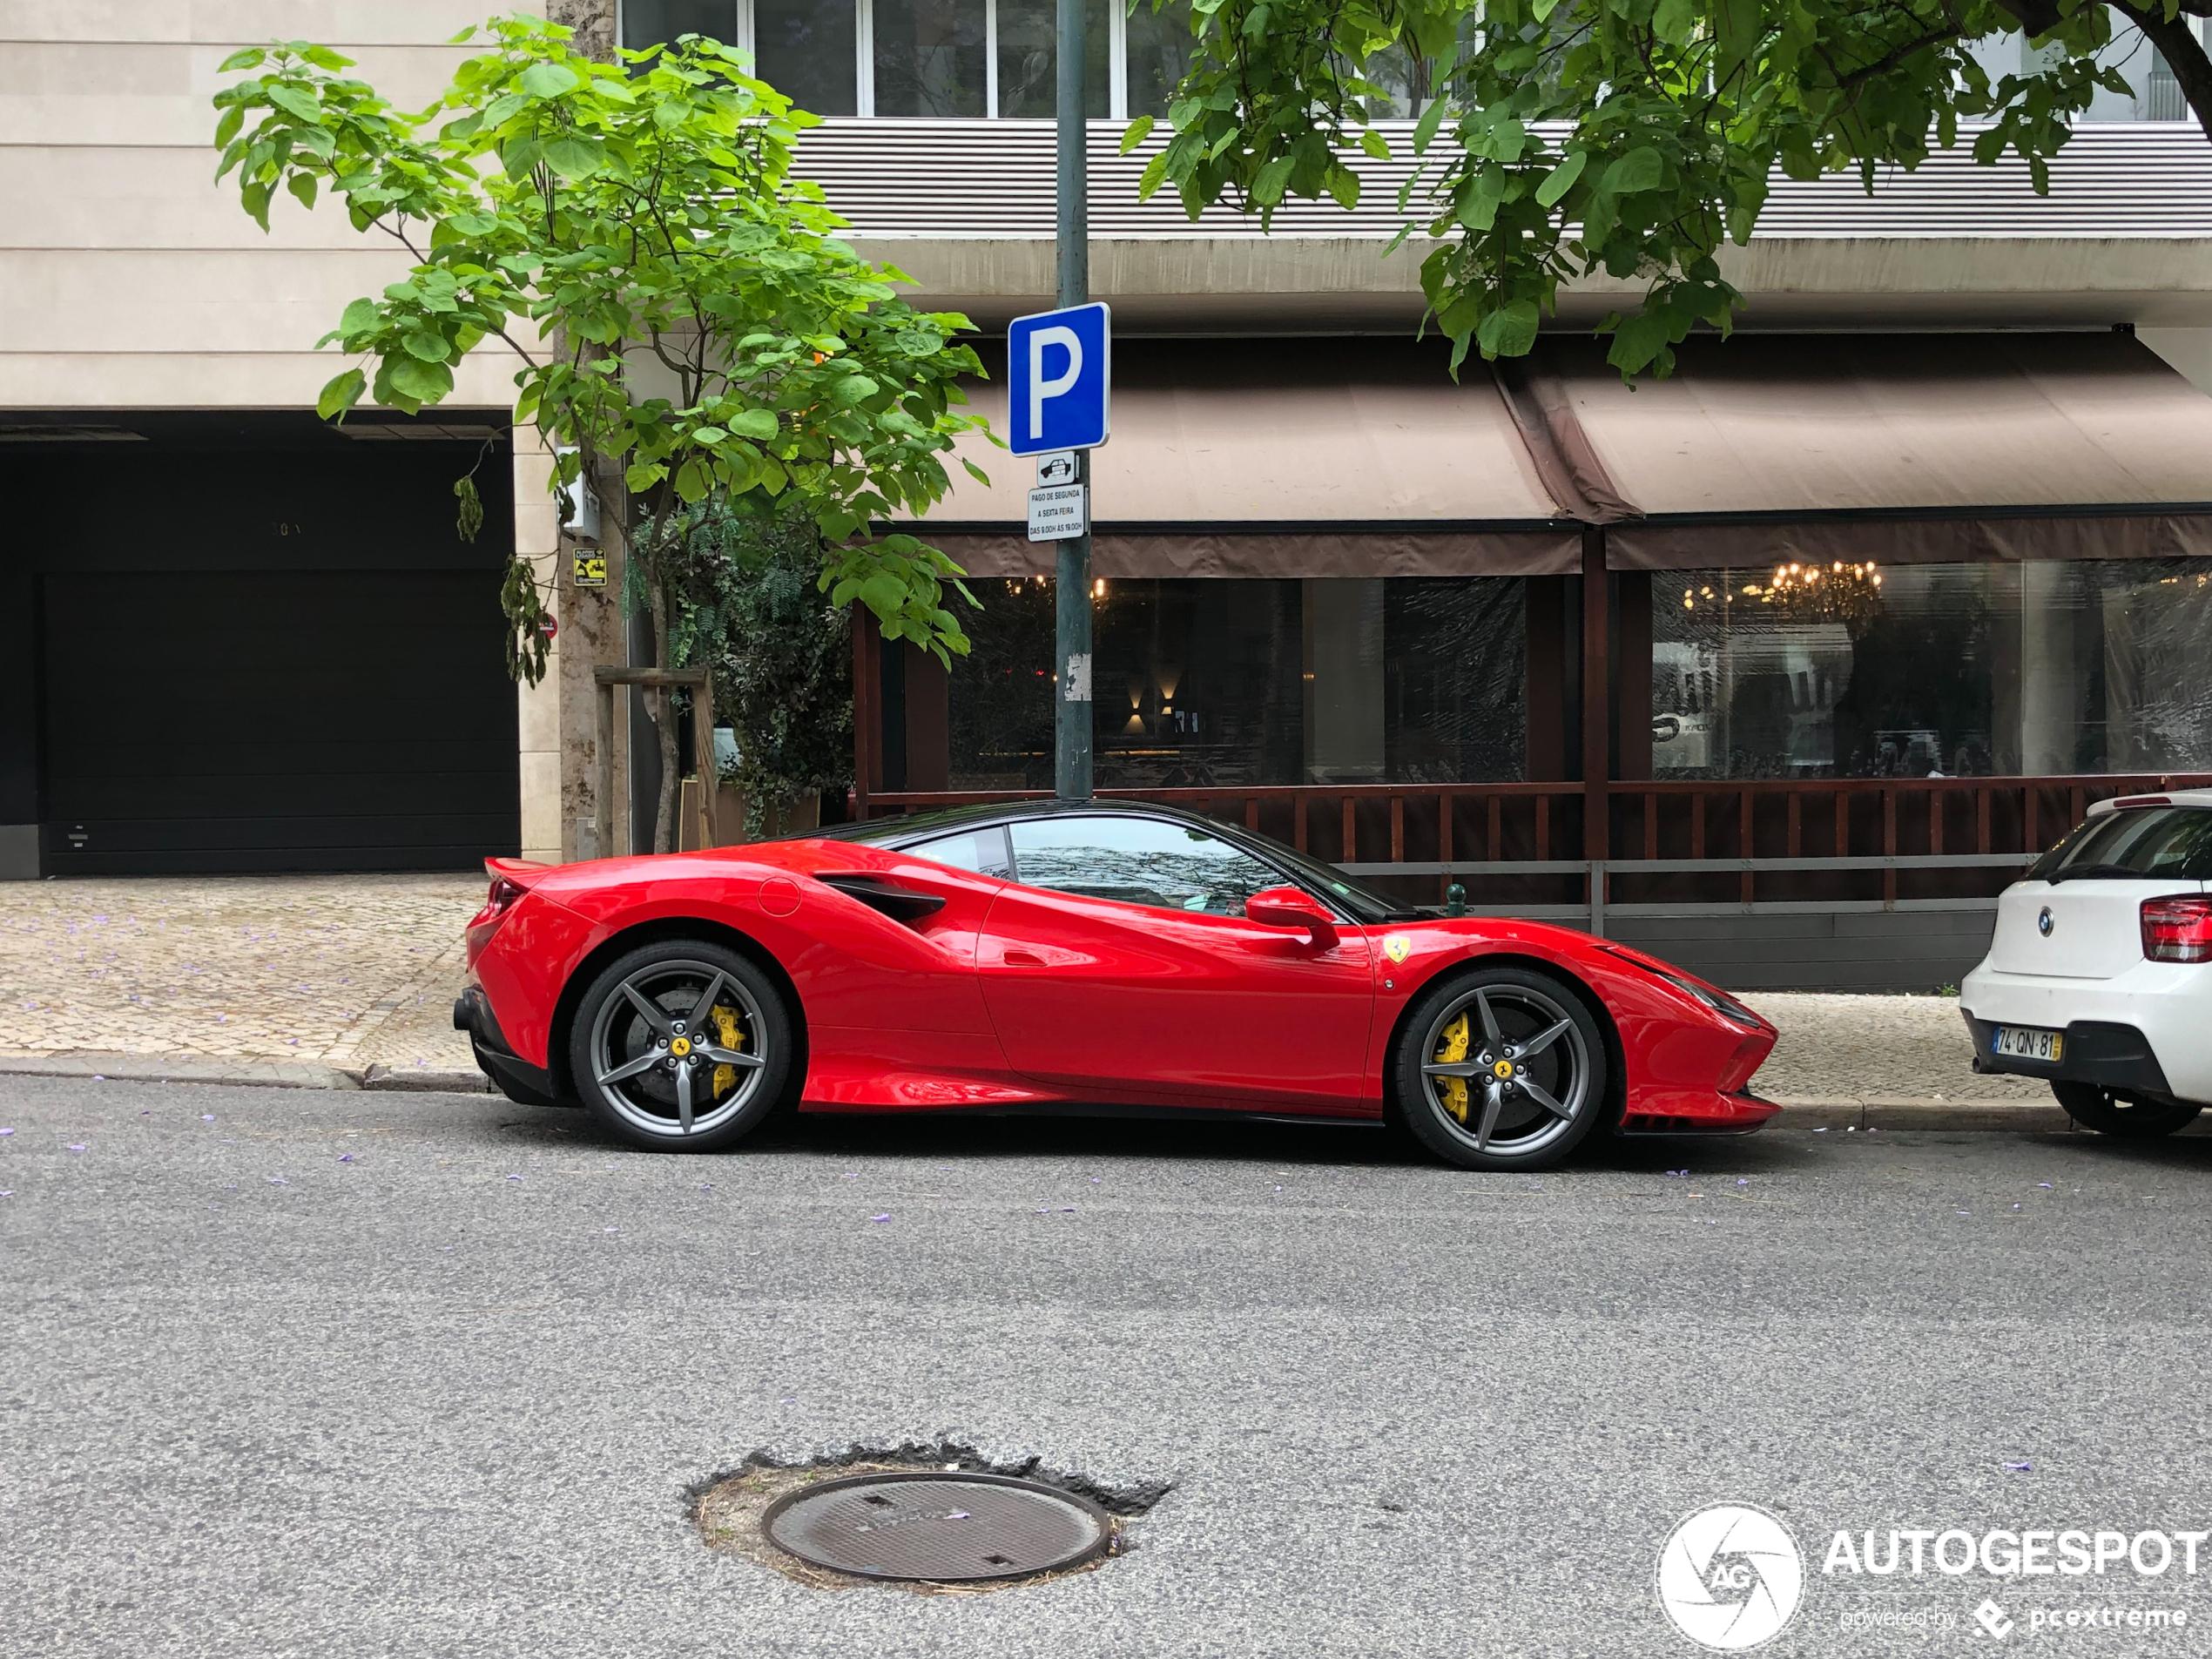 FerrariF8 Tributo